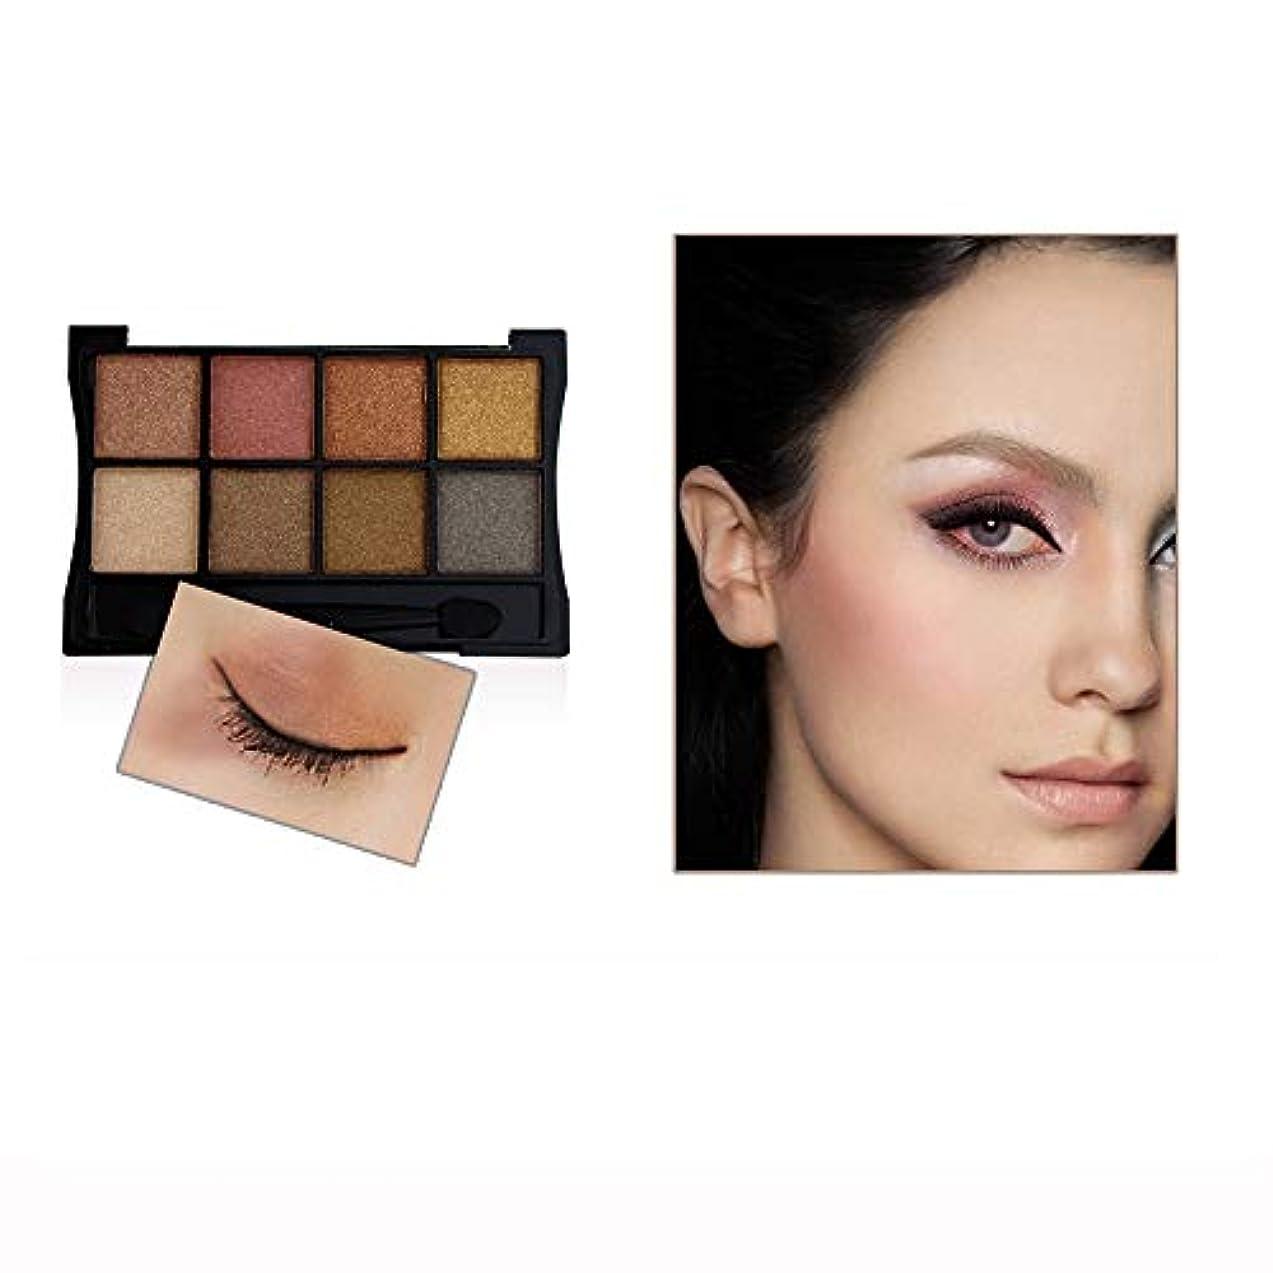 広々とした精通した契約したAkane アイシャドウパレット BOUB ファッション 魅力的 スモーキー 人気 綺麗 マット チャーム つや消し 長持ち おしゃれ 持ち便利 日常 仕事 Eye Shadow (8色)